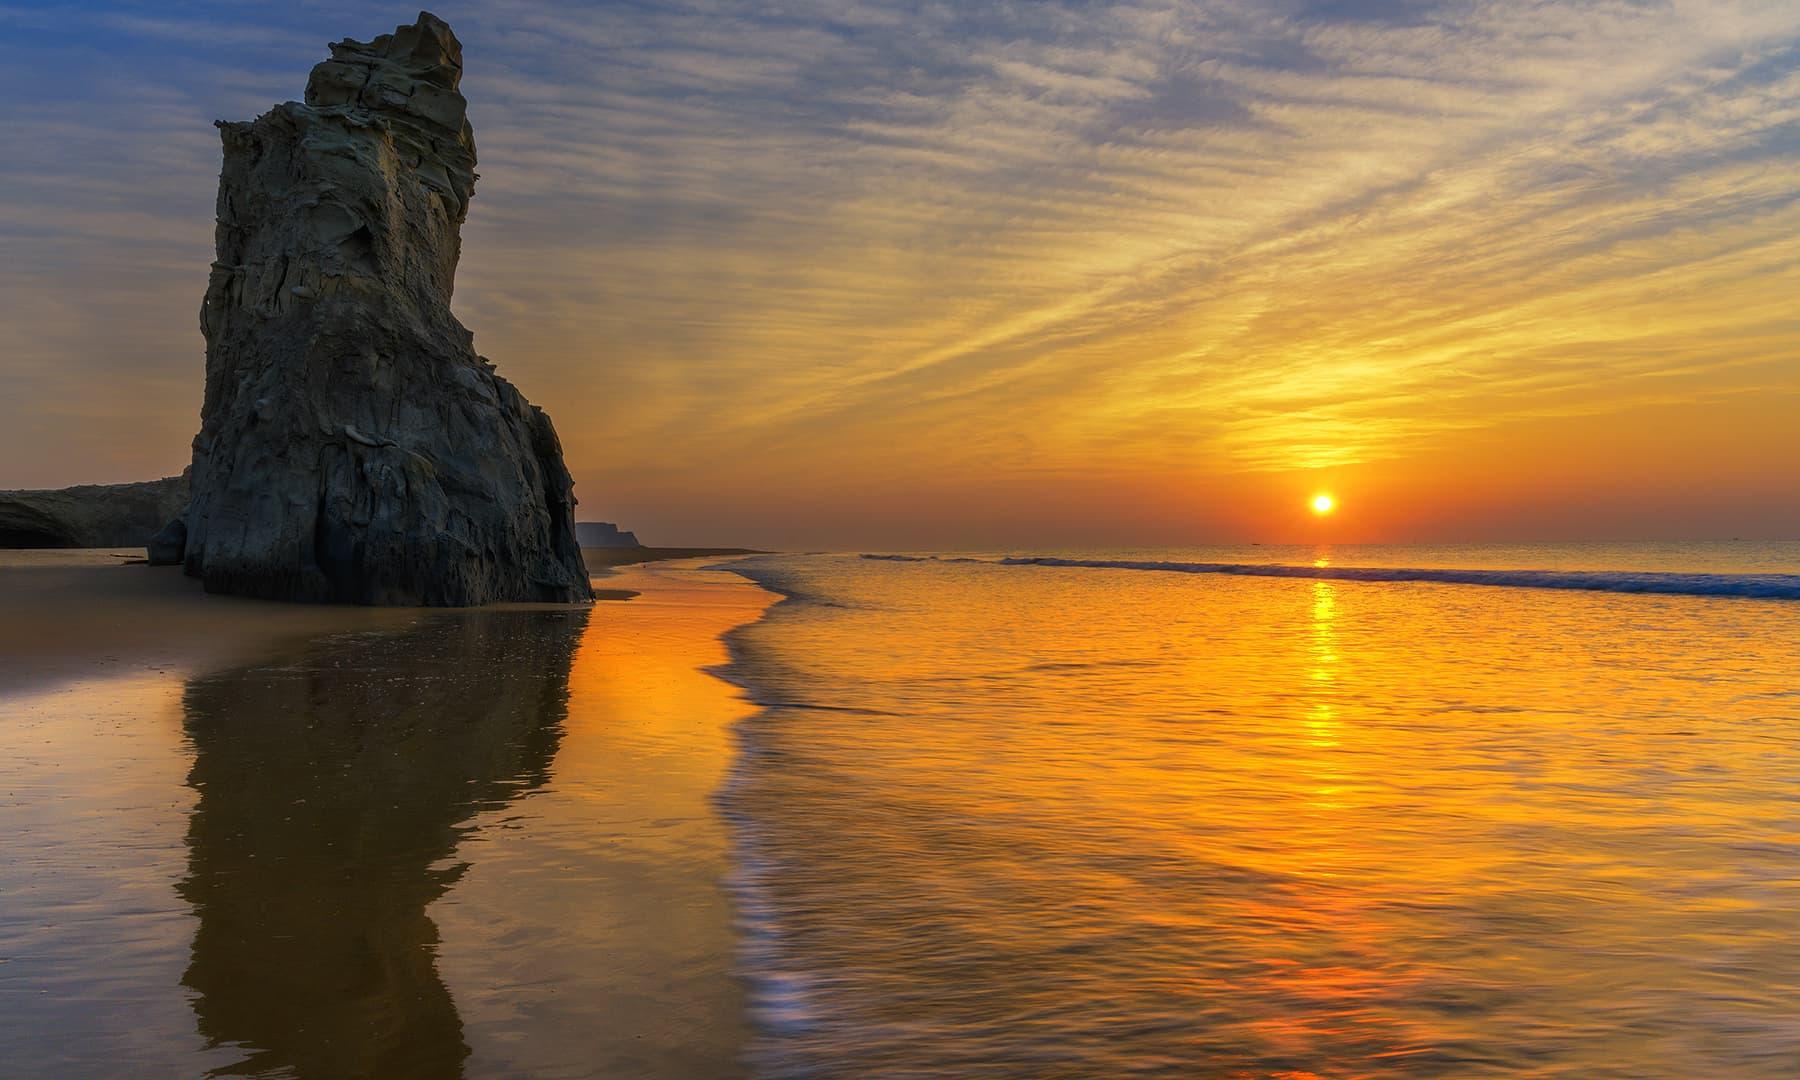 سپت کا ساحل—سید مہدی بخاری